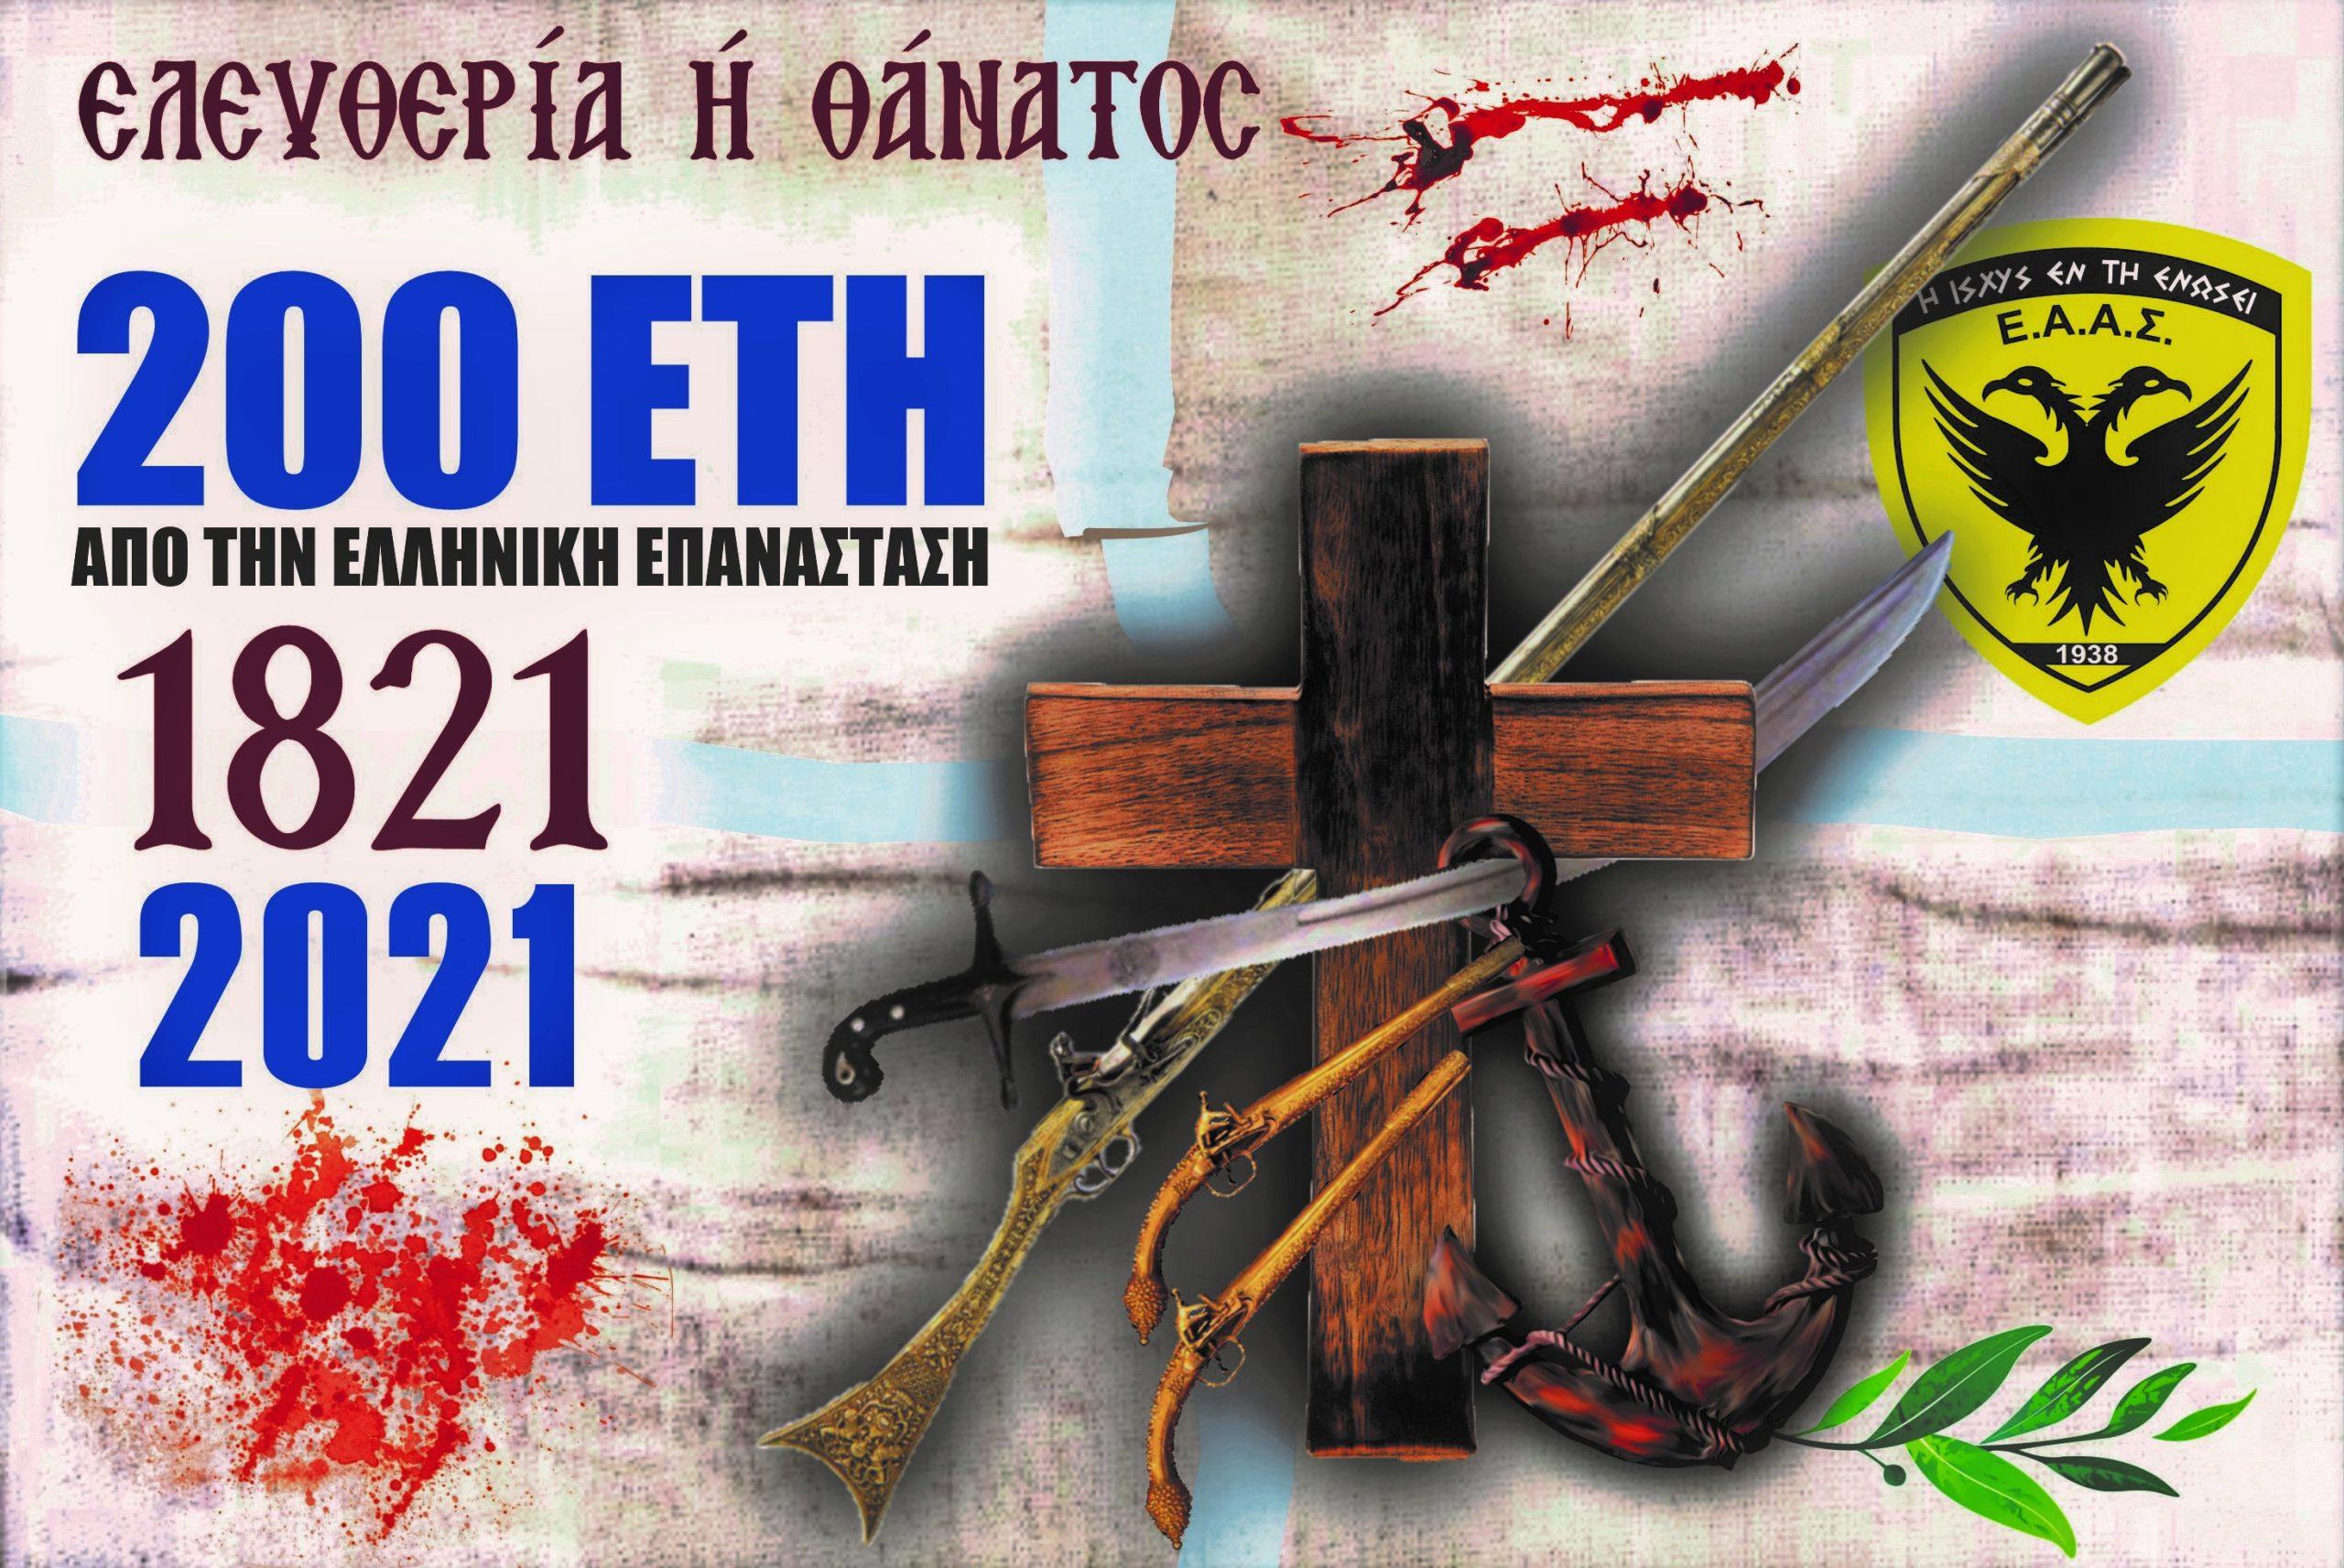 200 χρόνια από την Ελληνική Επανάσταση! Μήνυμα της Ένωσης Αποστράτων Αξιωματικών Στρατού (ΒΙΝΤΕΟ)